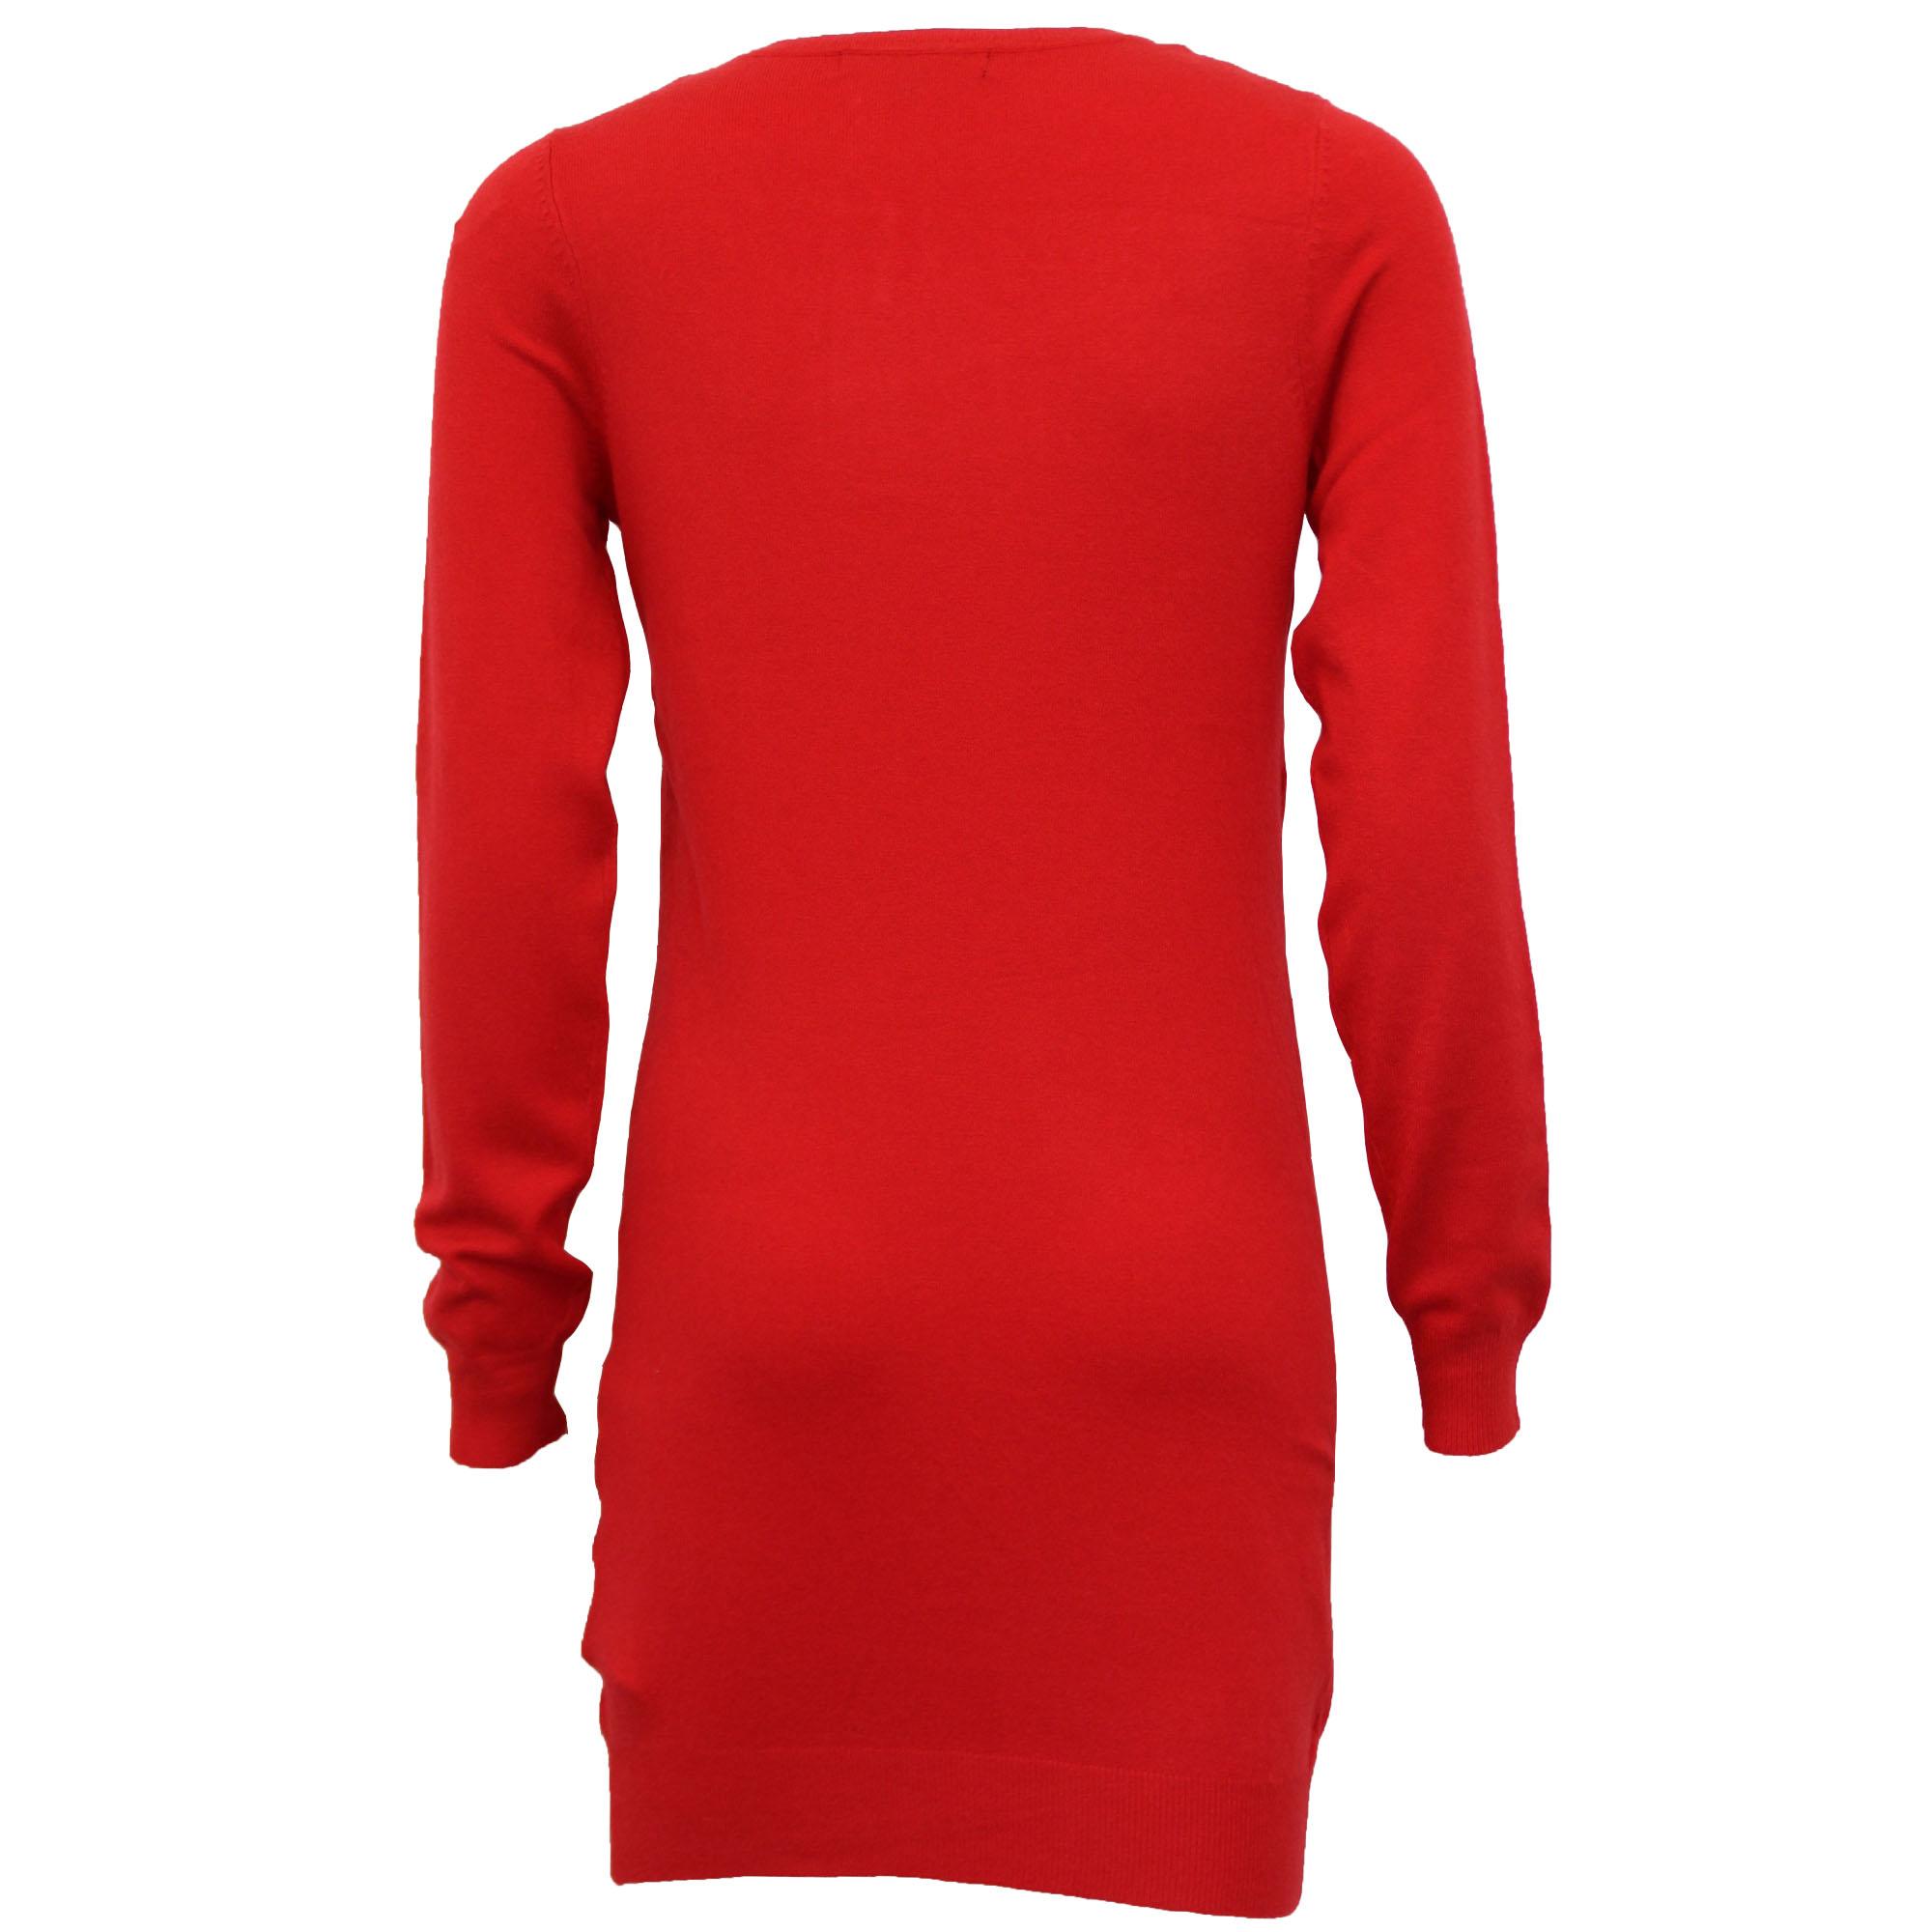 Damen-Xmas-Lang-Pullover-Damen-Kleid-Weihnachten-Glitzernde-Pailletten-Neuheit-Party-NEU Indexbild 14